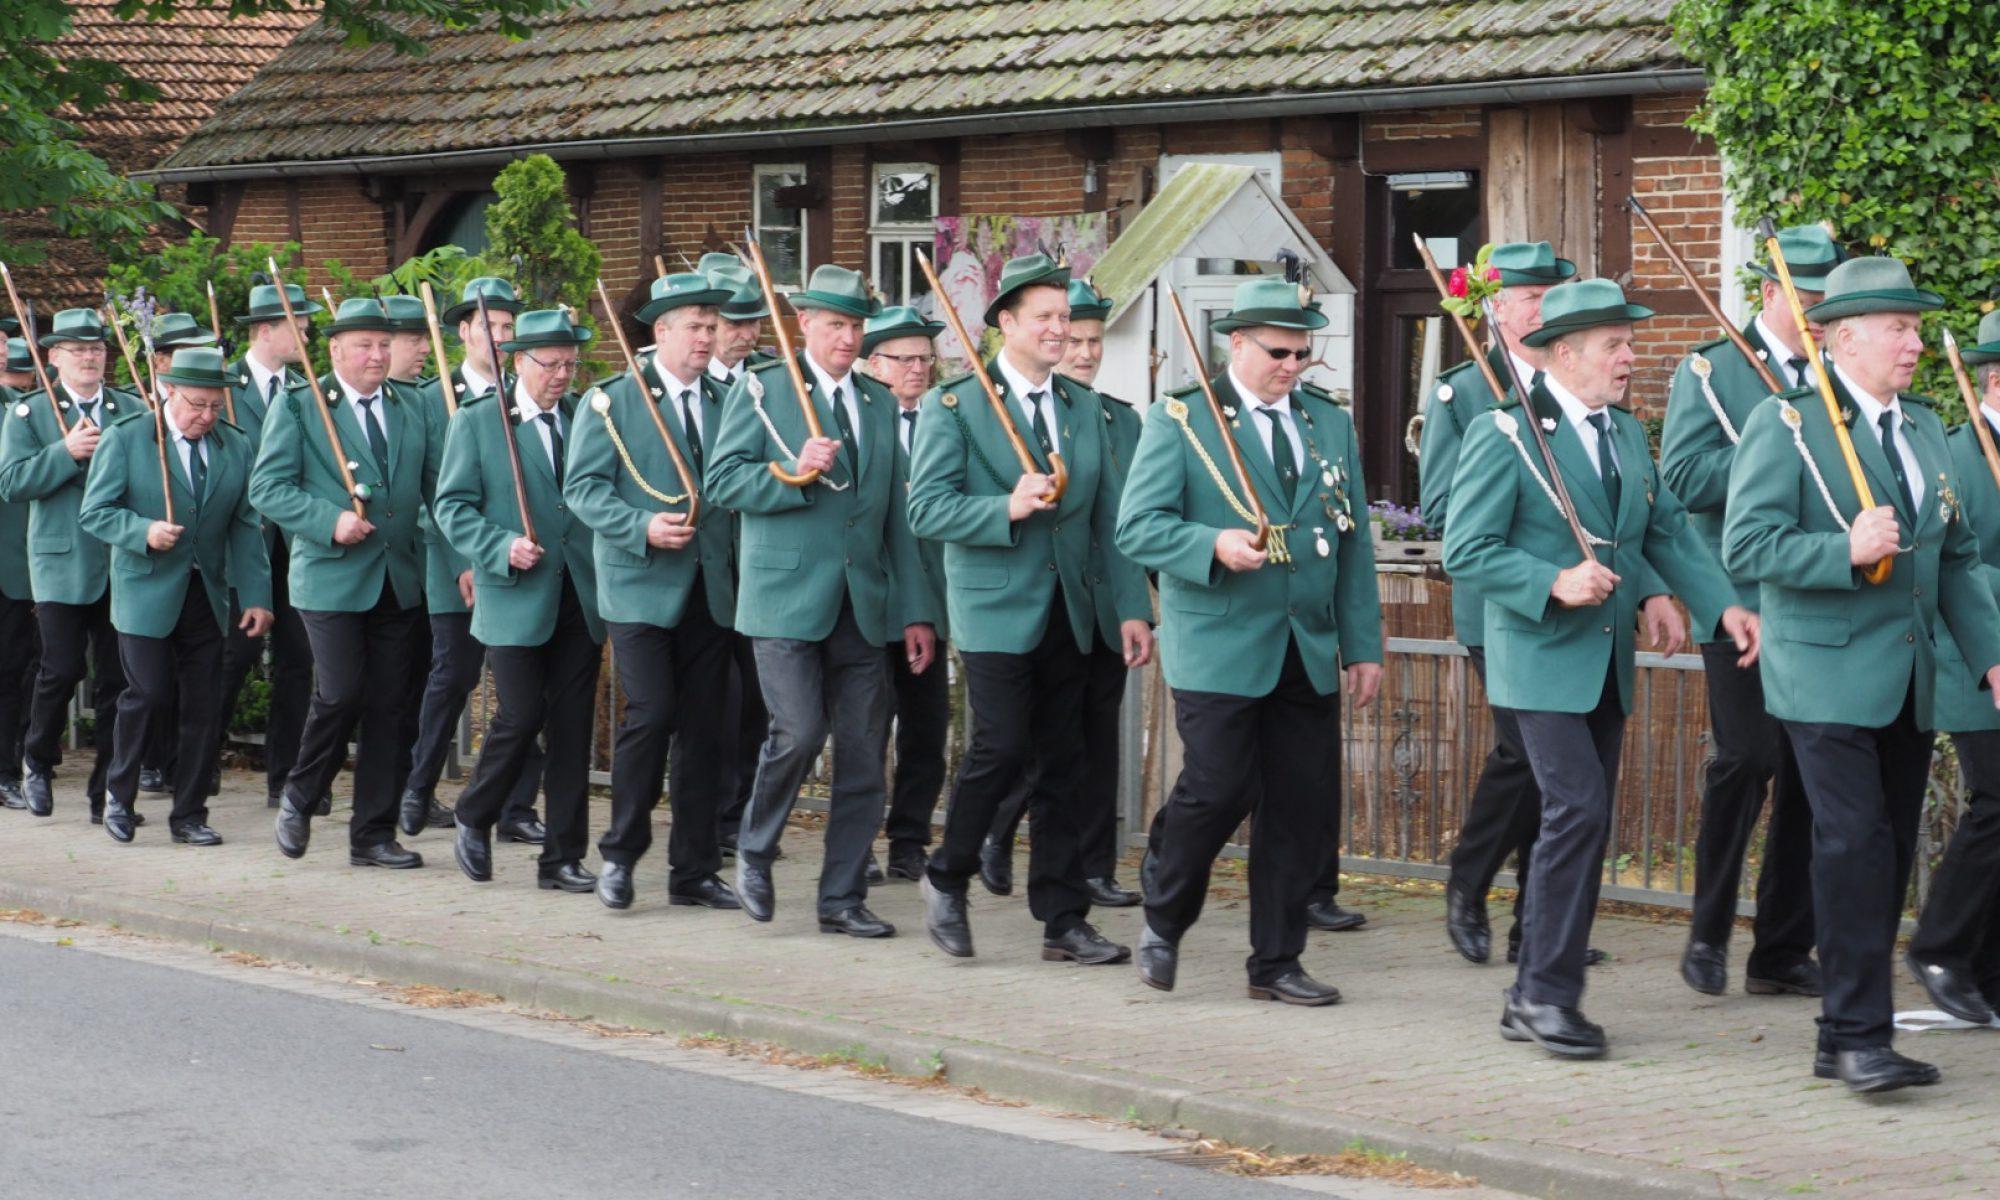 Schützenverein Lengerich-bauernschaft e.V.